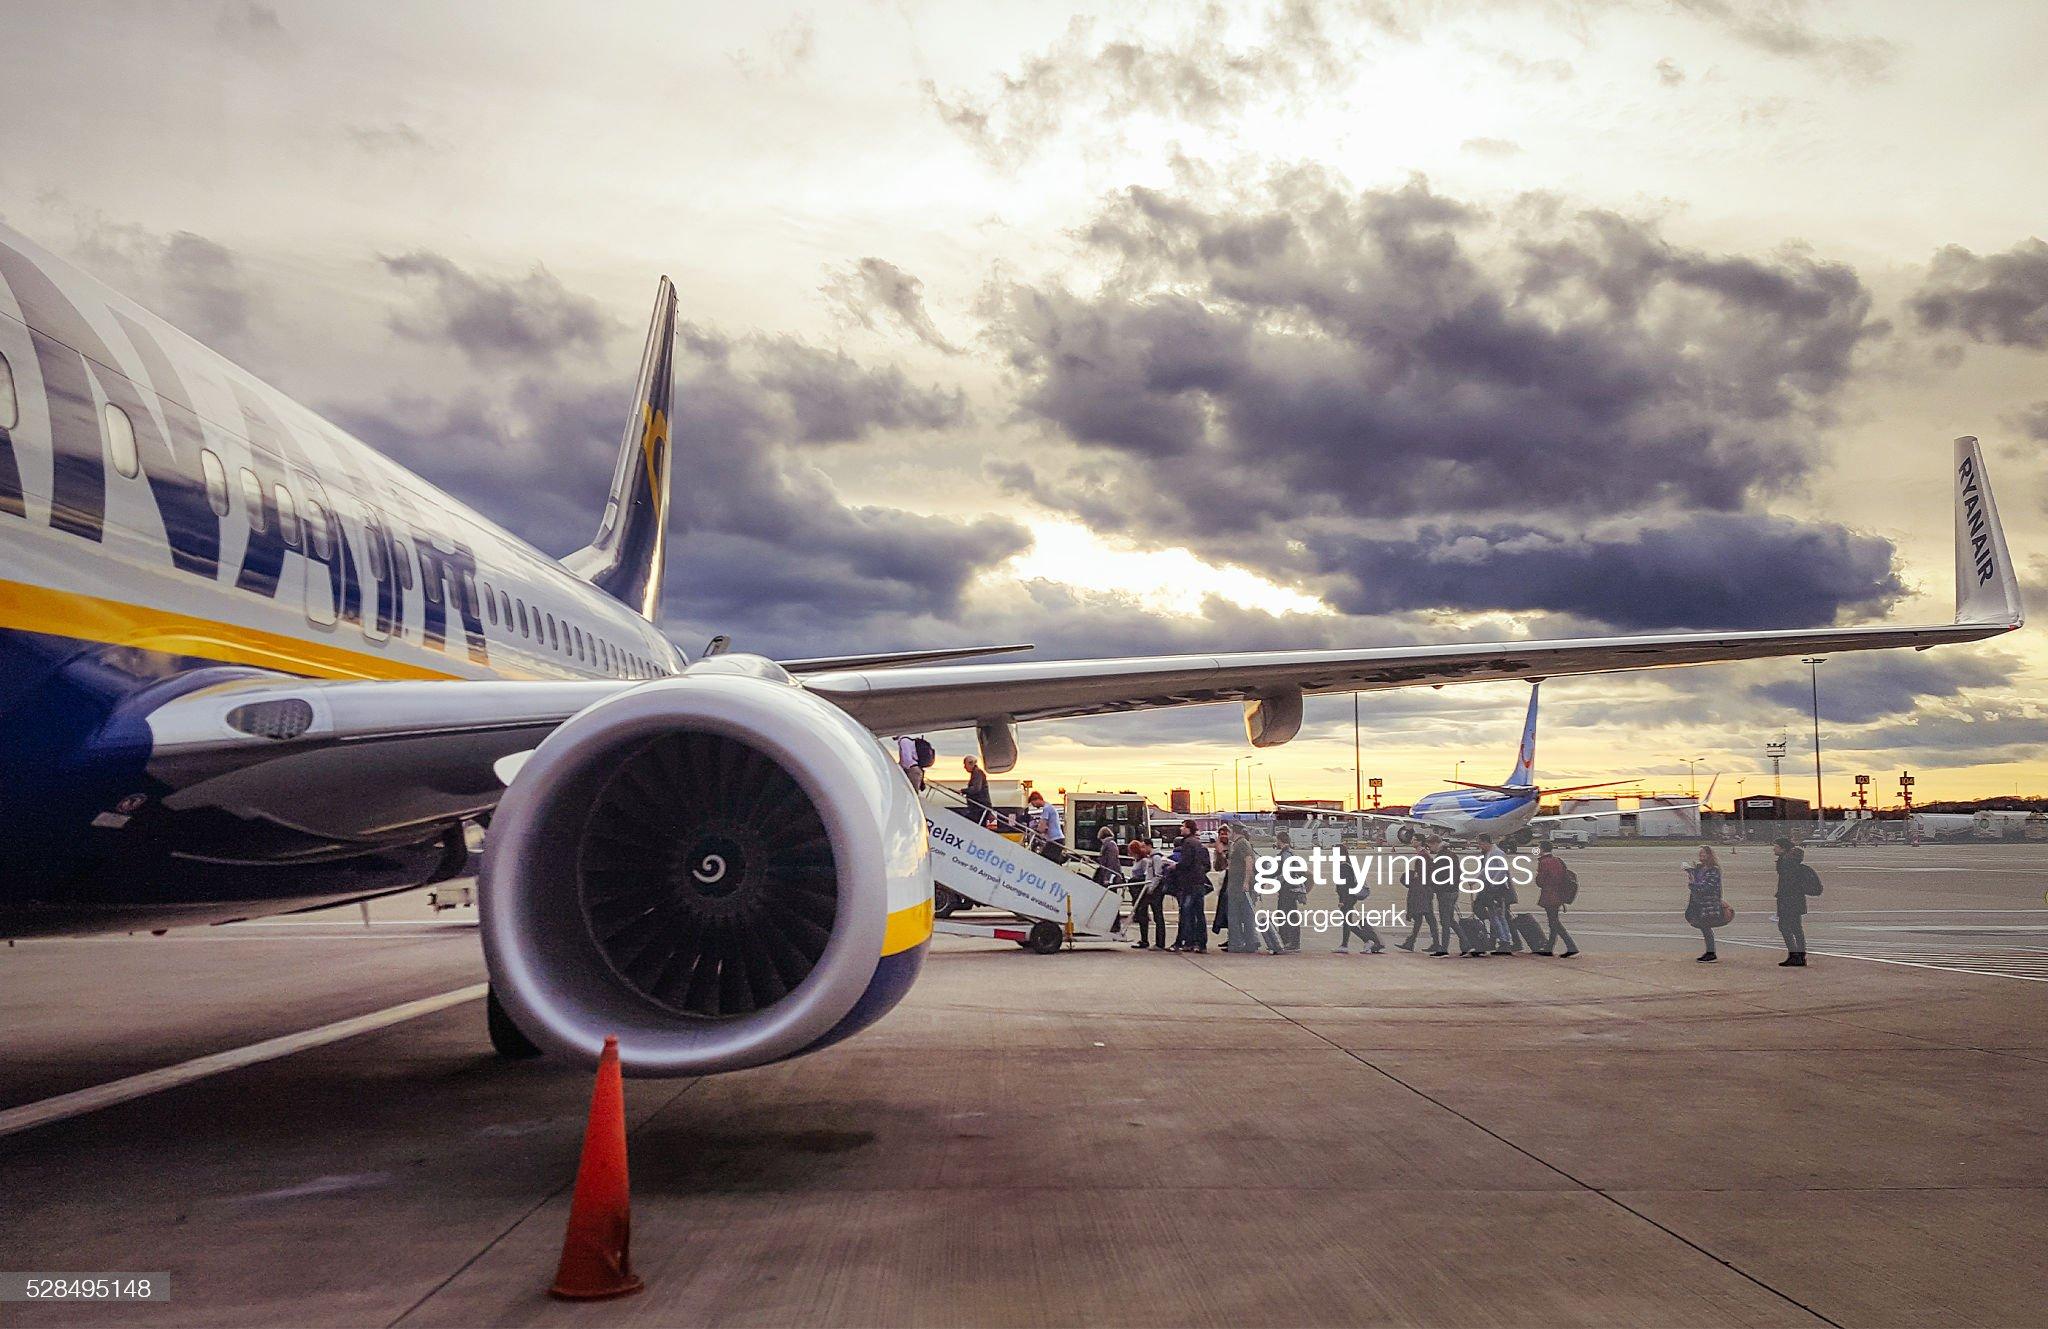 Imbarco un Ryanair volo al tramonto : Foto stock